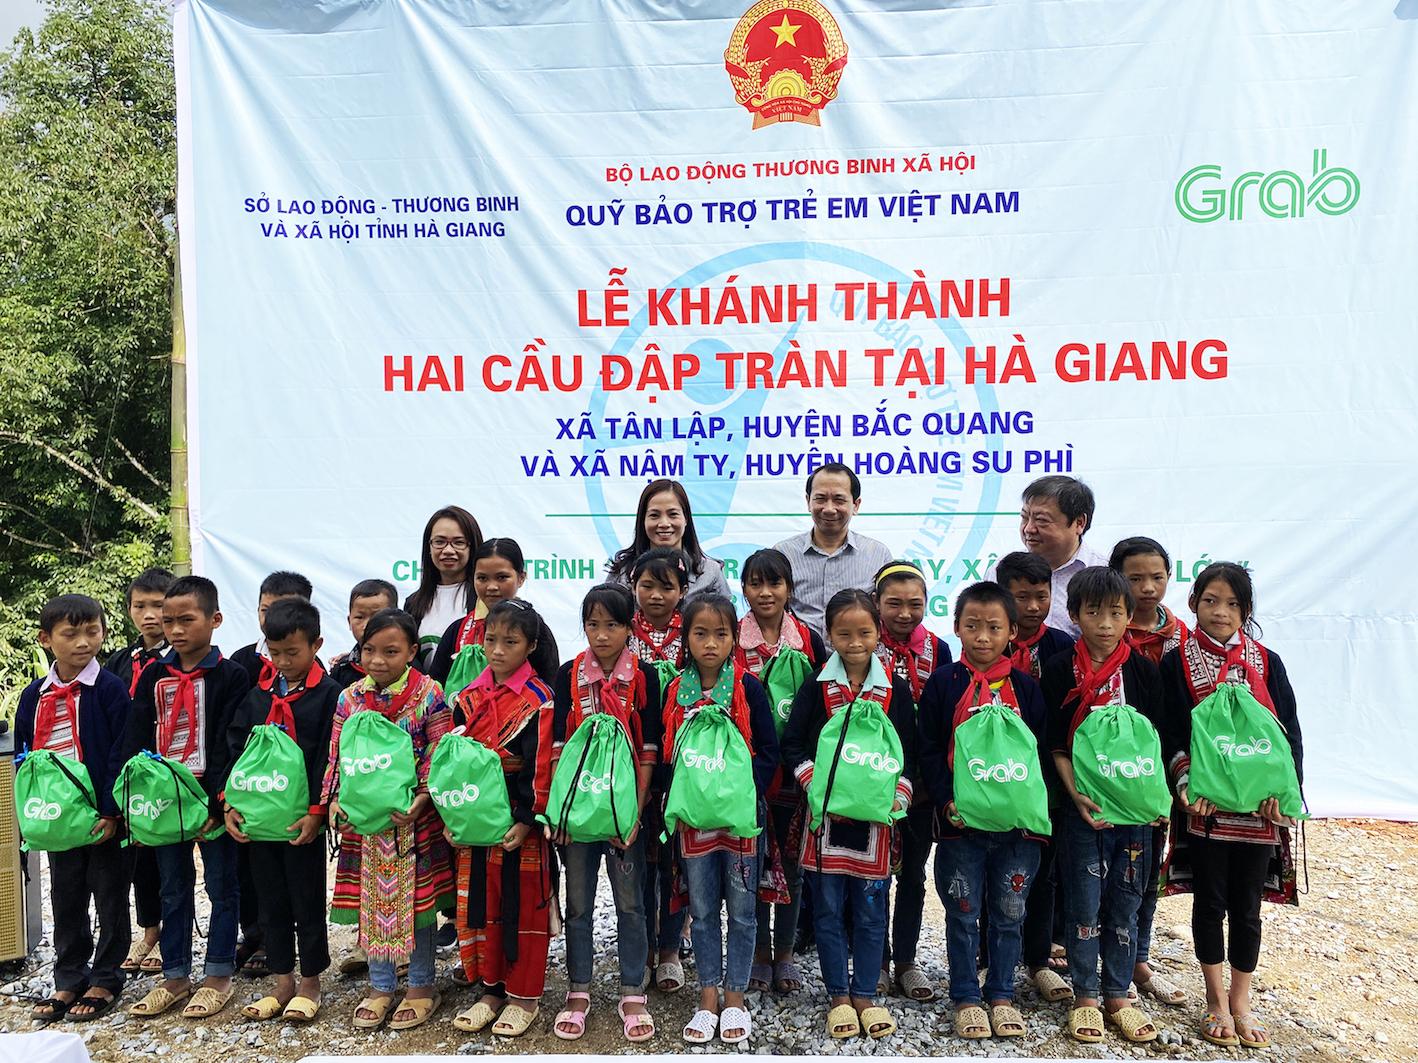 Khánh thành hai công trình cầu đập tràn tại Hà Giang trị giá gần 2 tỉ đồng do Grab và người dùng đóng góp - Ảnh 2.